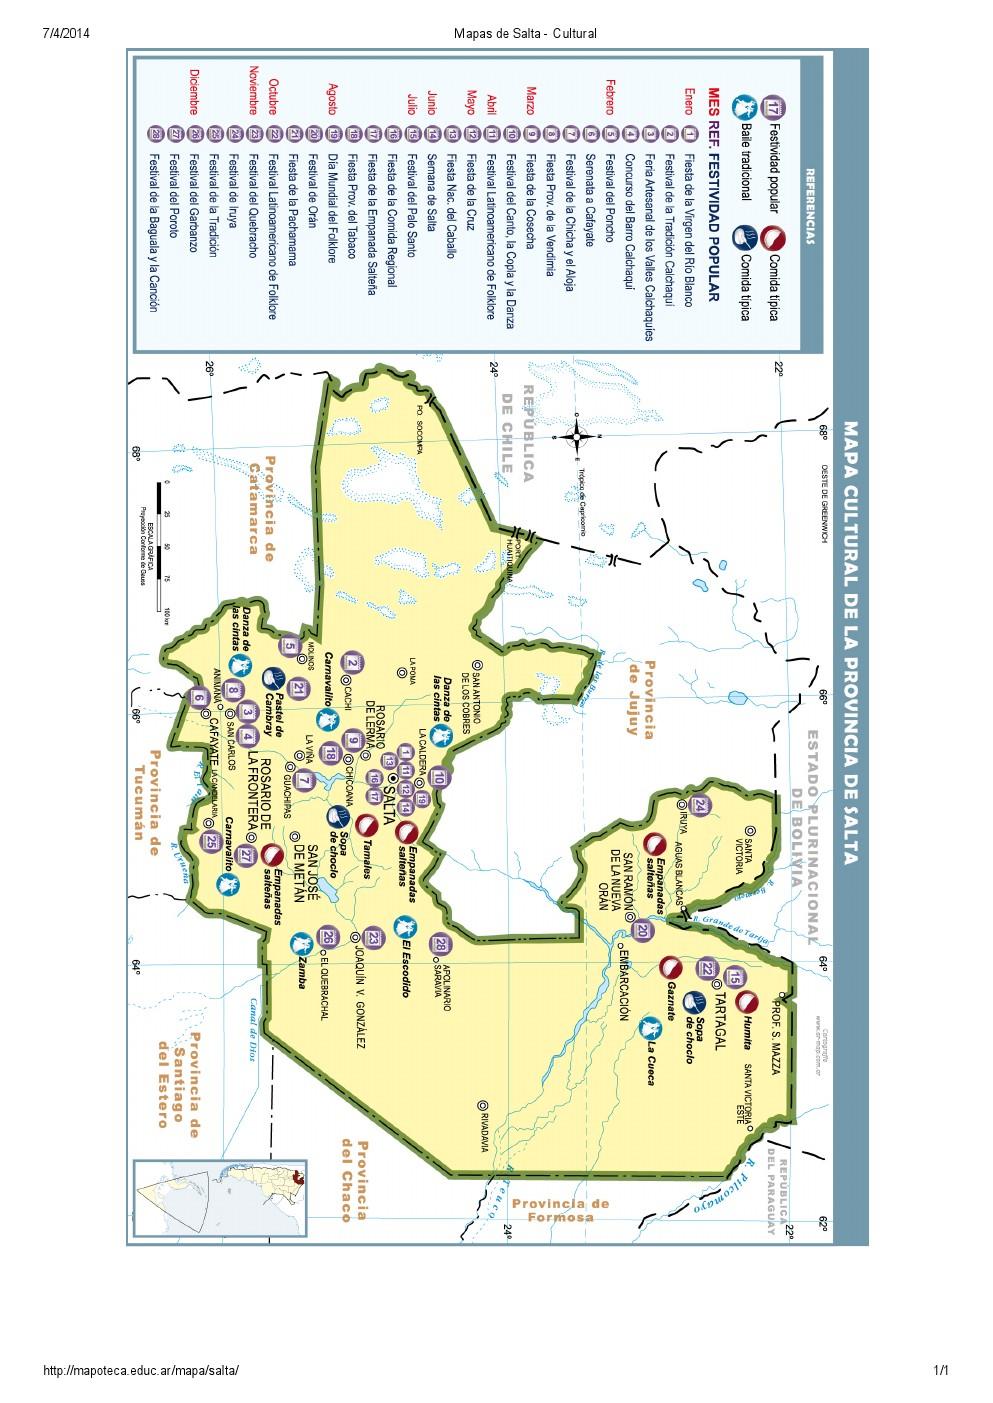 Mapa cultural de Salta. Mapoteca de Educ.ar